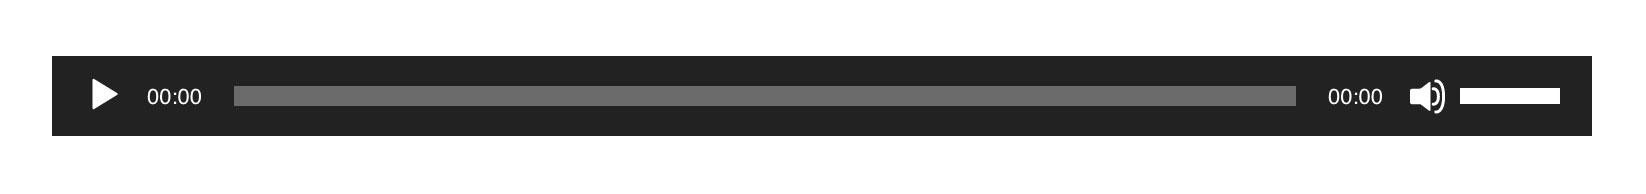 WordPress audio player example